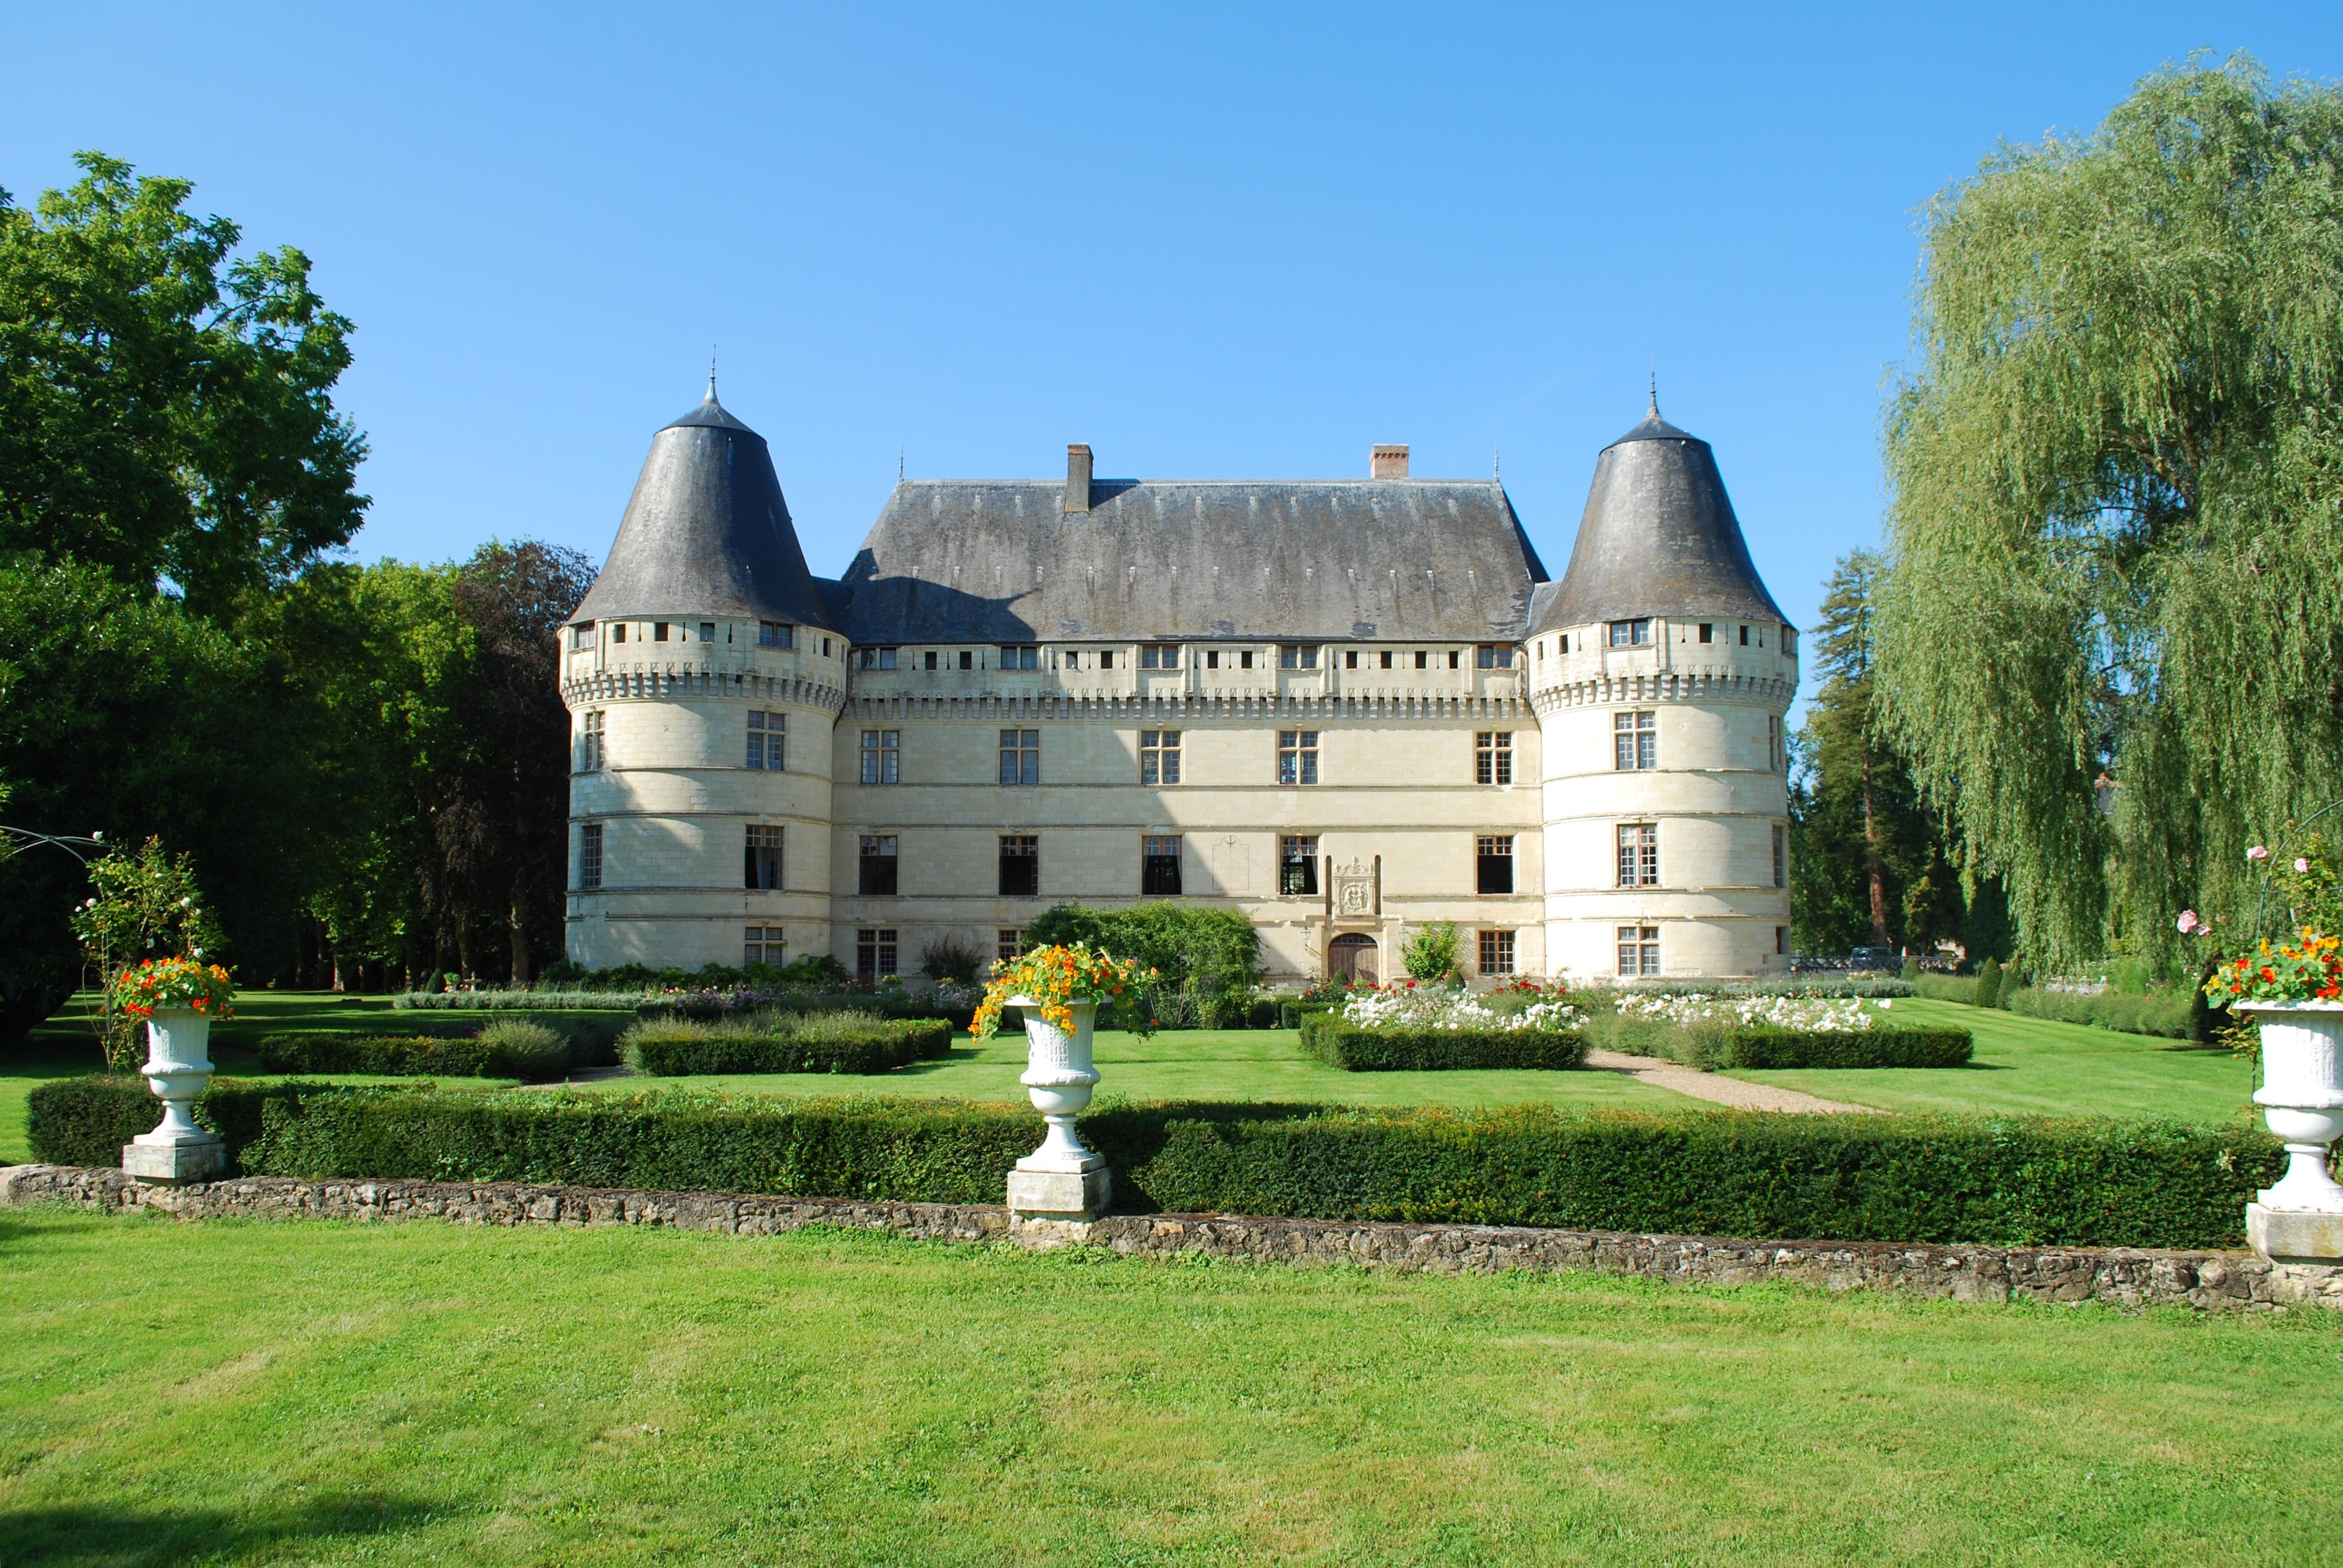 File:Château de L'Islette.jpg - Wikimedia Commons